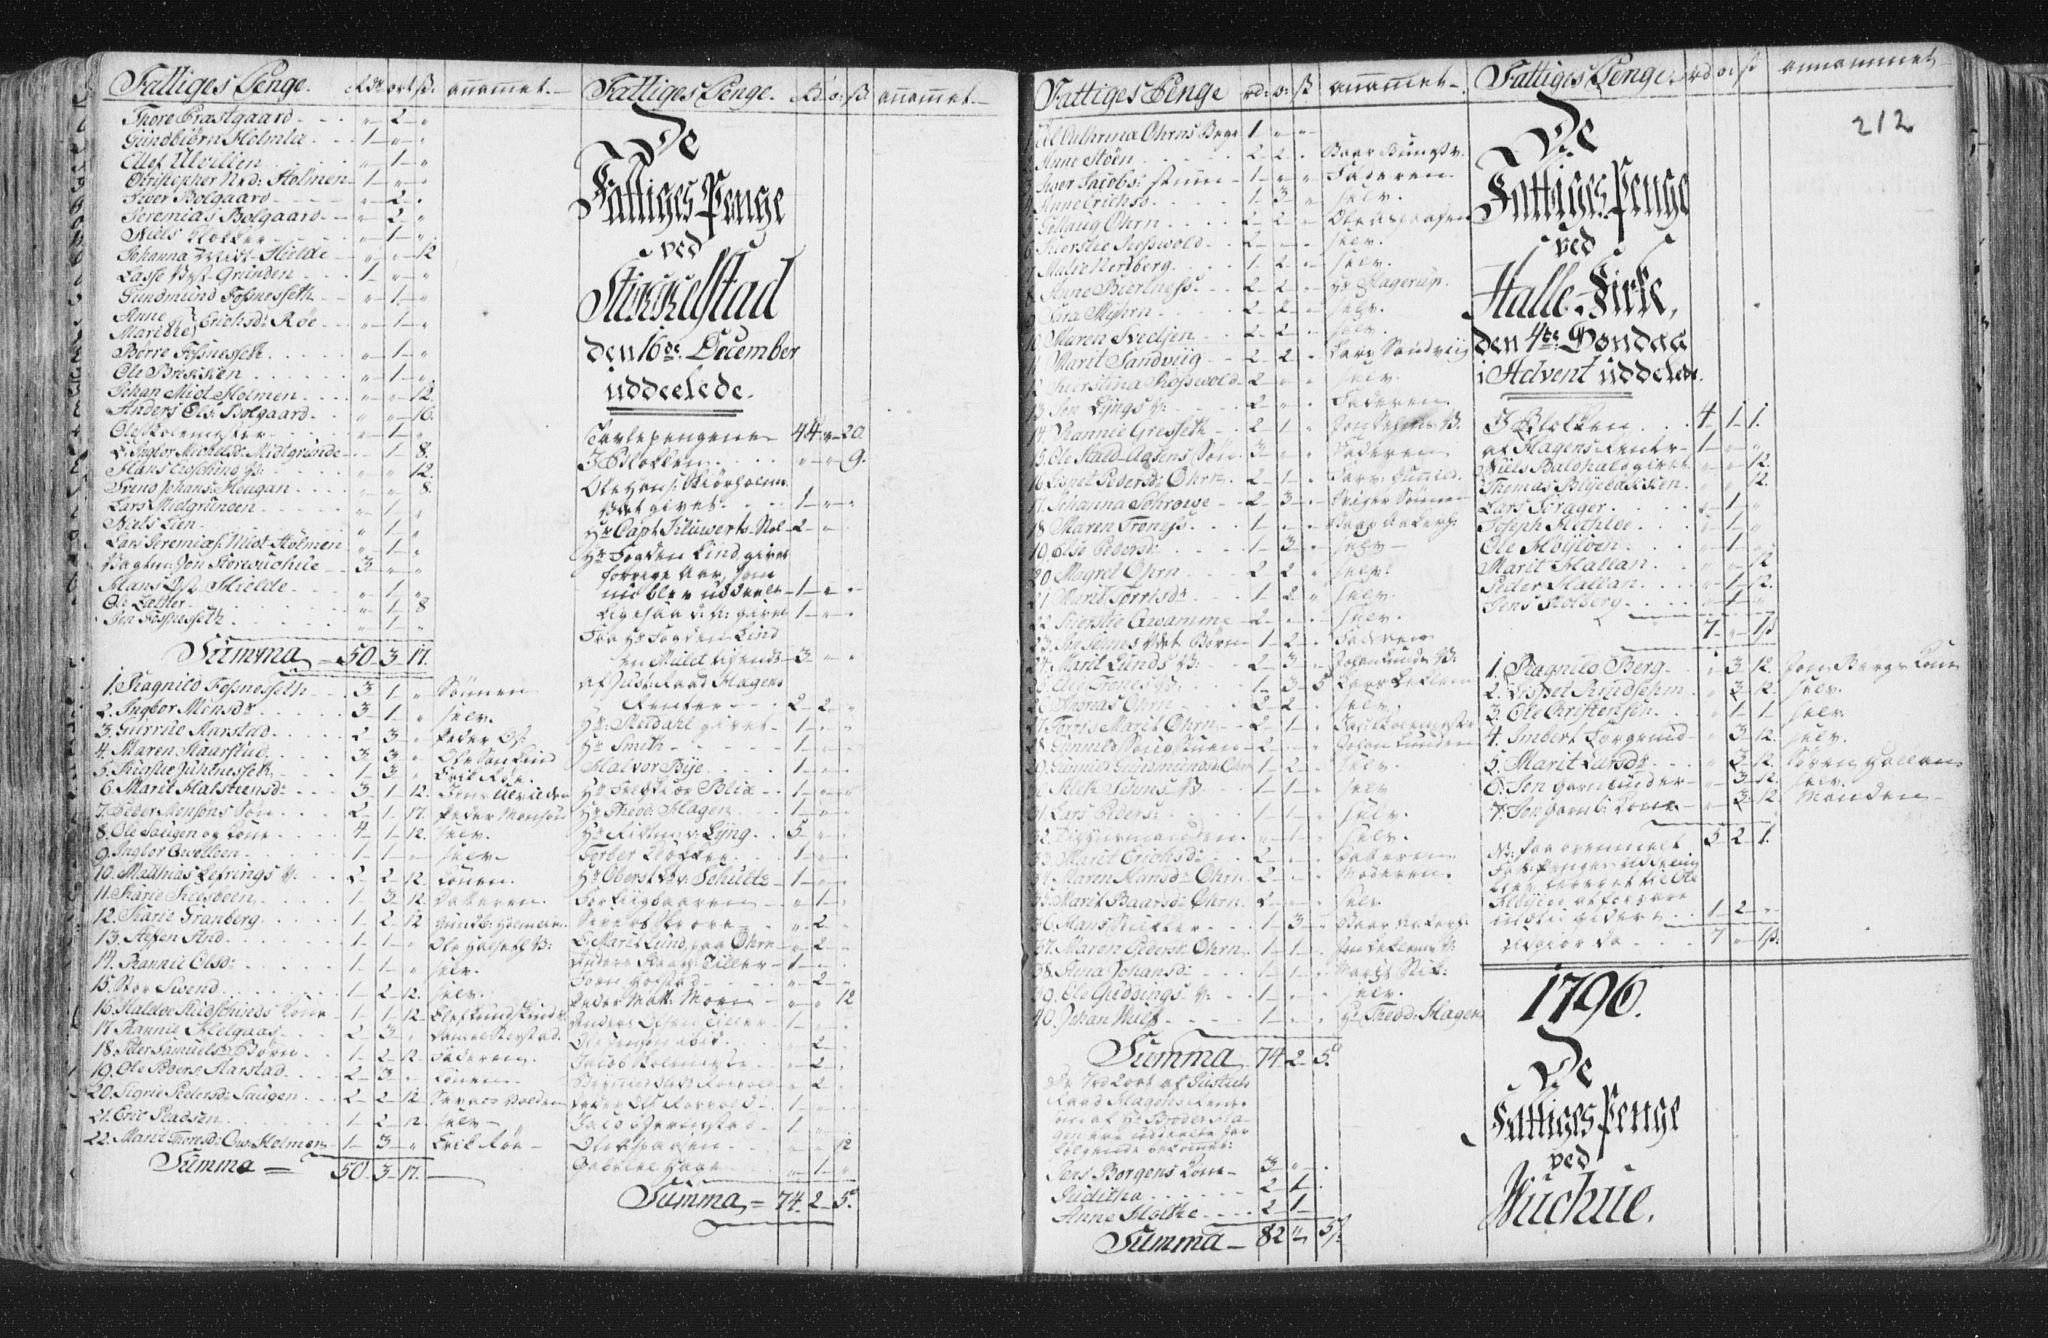 SAT, Ministerialprotokoller, klokkerbøker og fødselsregistre - Nord-Trøndelag, 723/L0232: Ministerialbok nr. 723A03, 1781-1804, s. 212